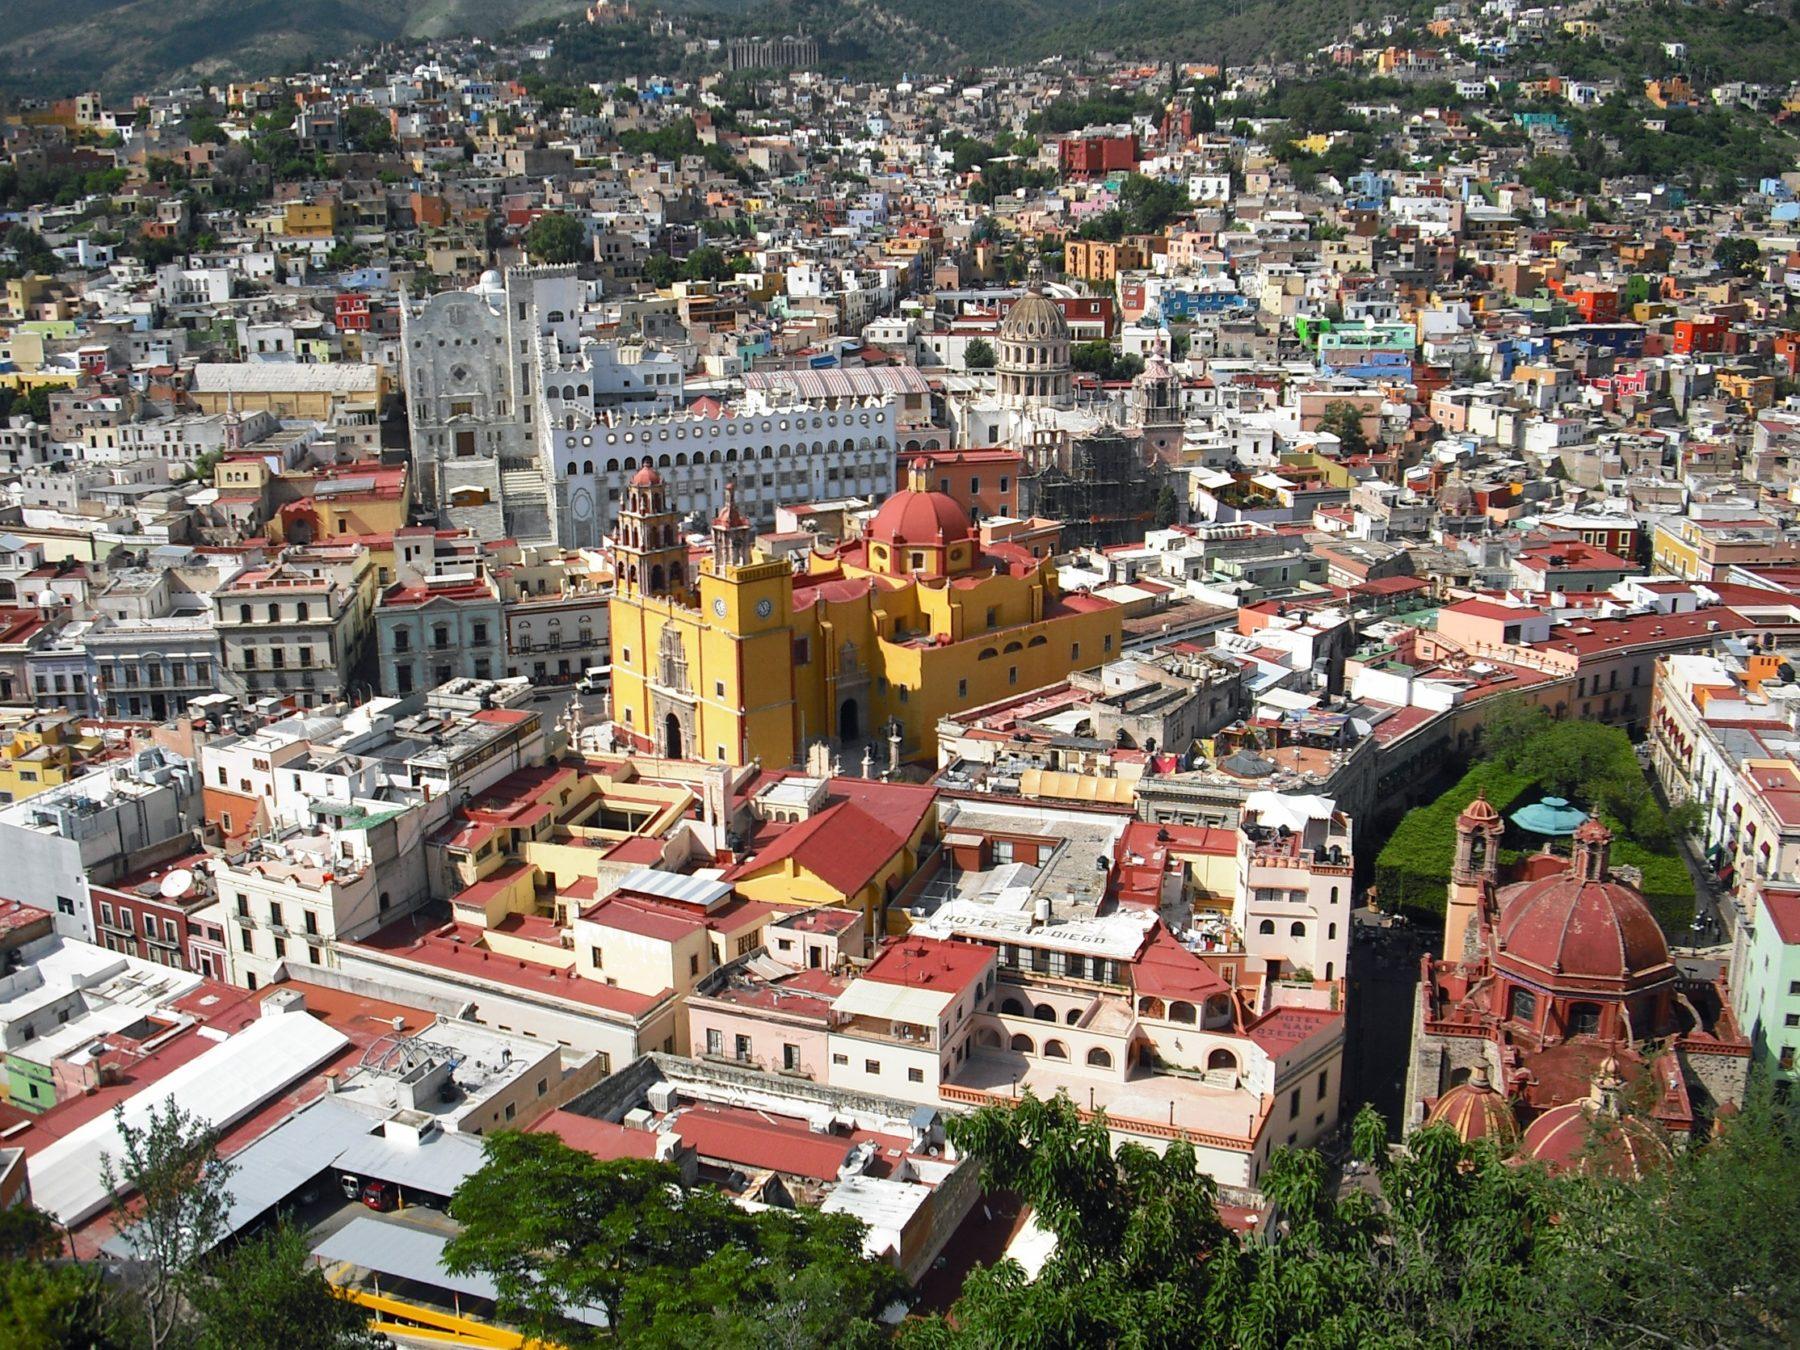 Vue aérienne d'une ville mexicaine